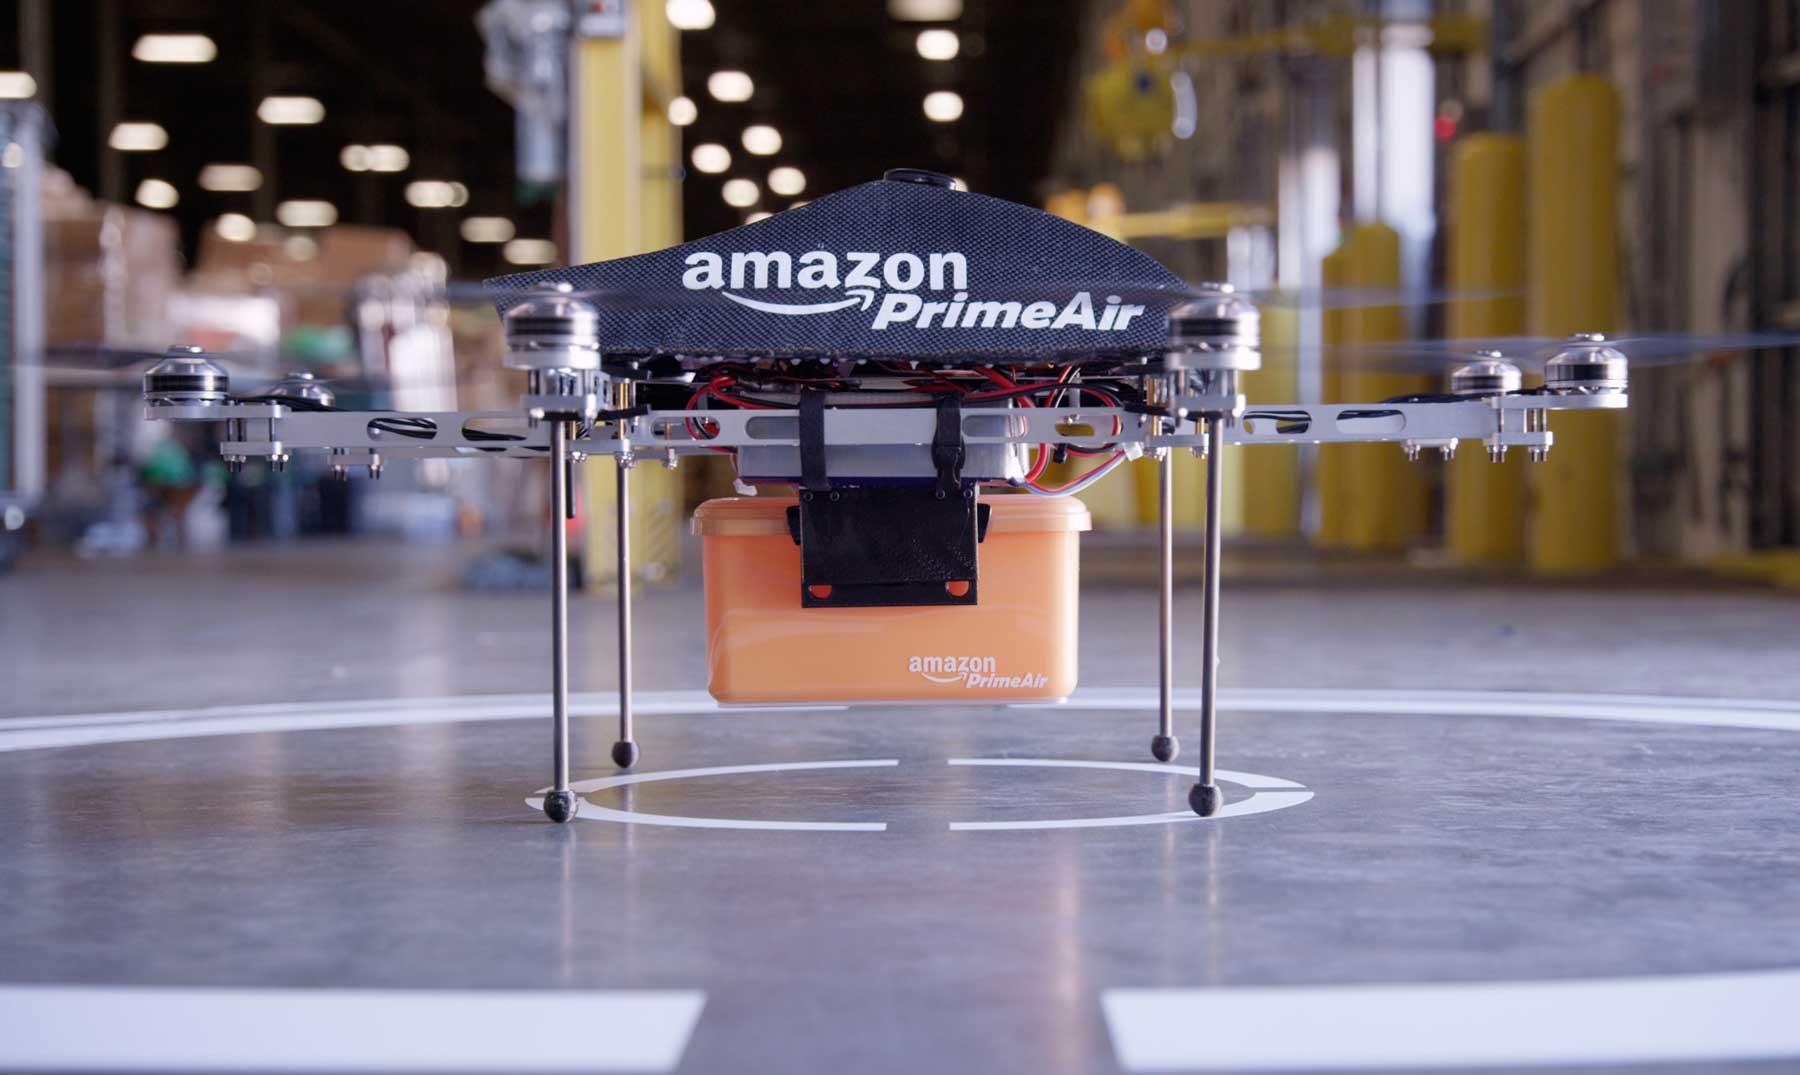 Amazon podría repartir sus paquetes con drones